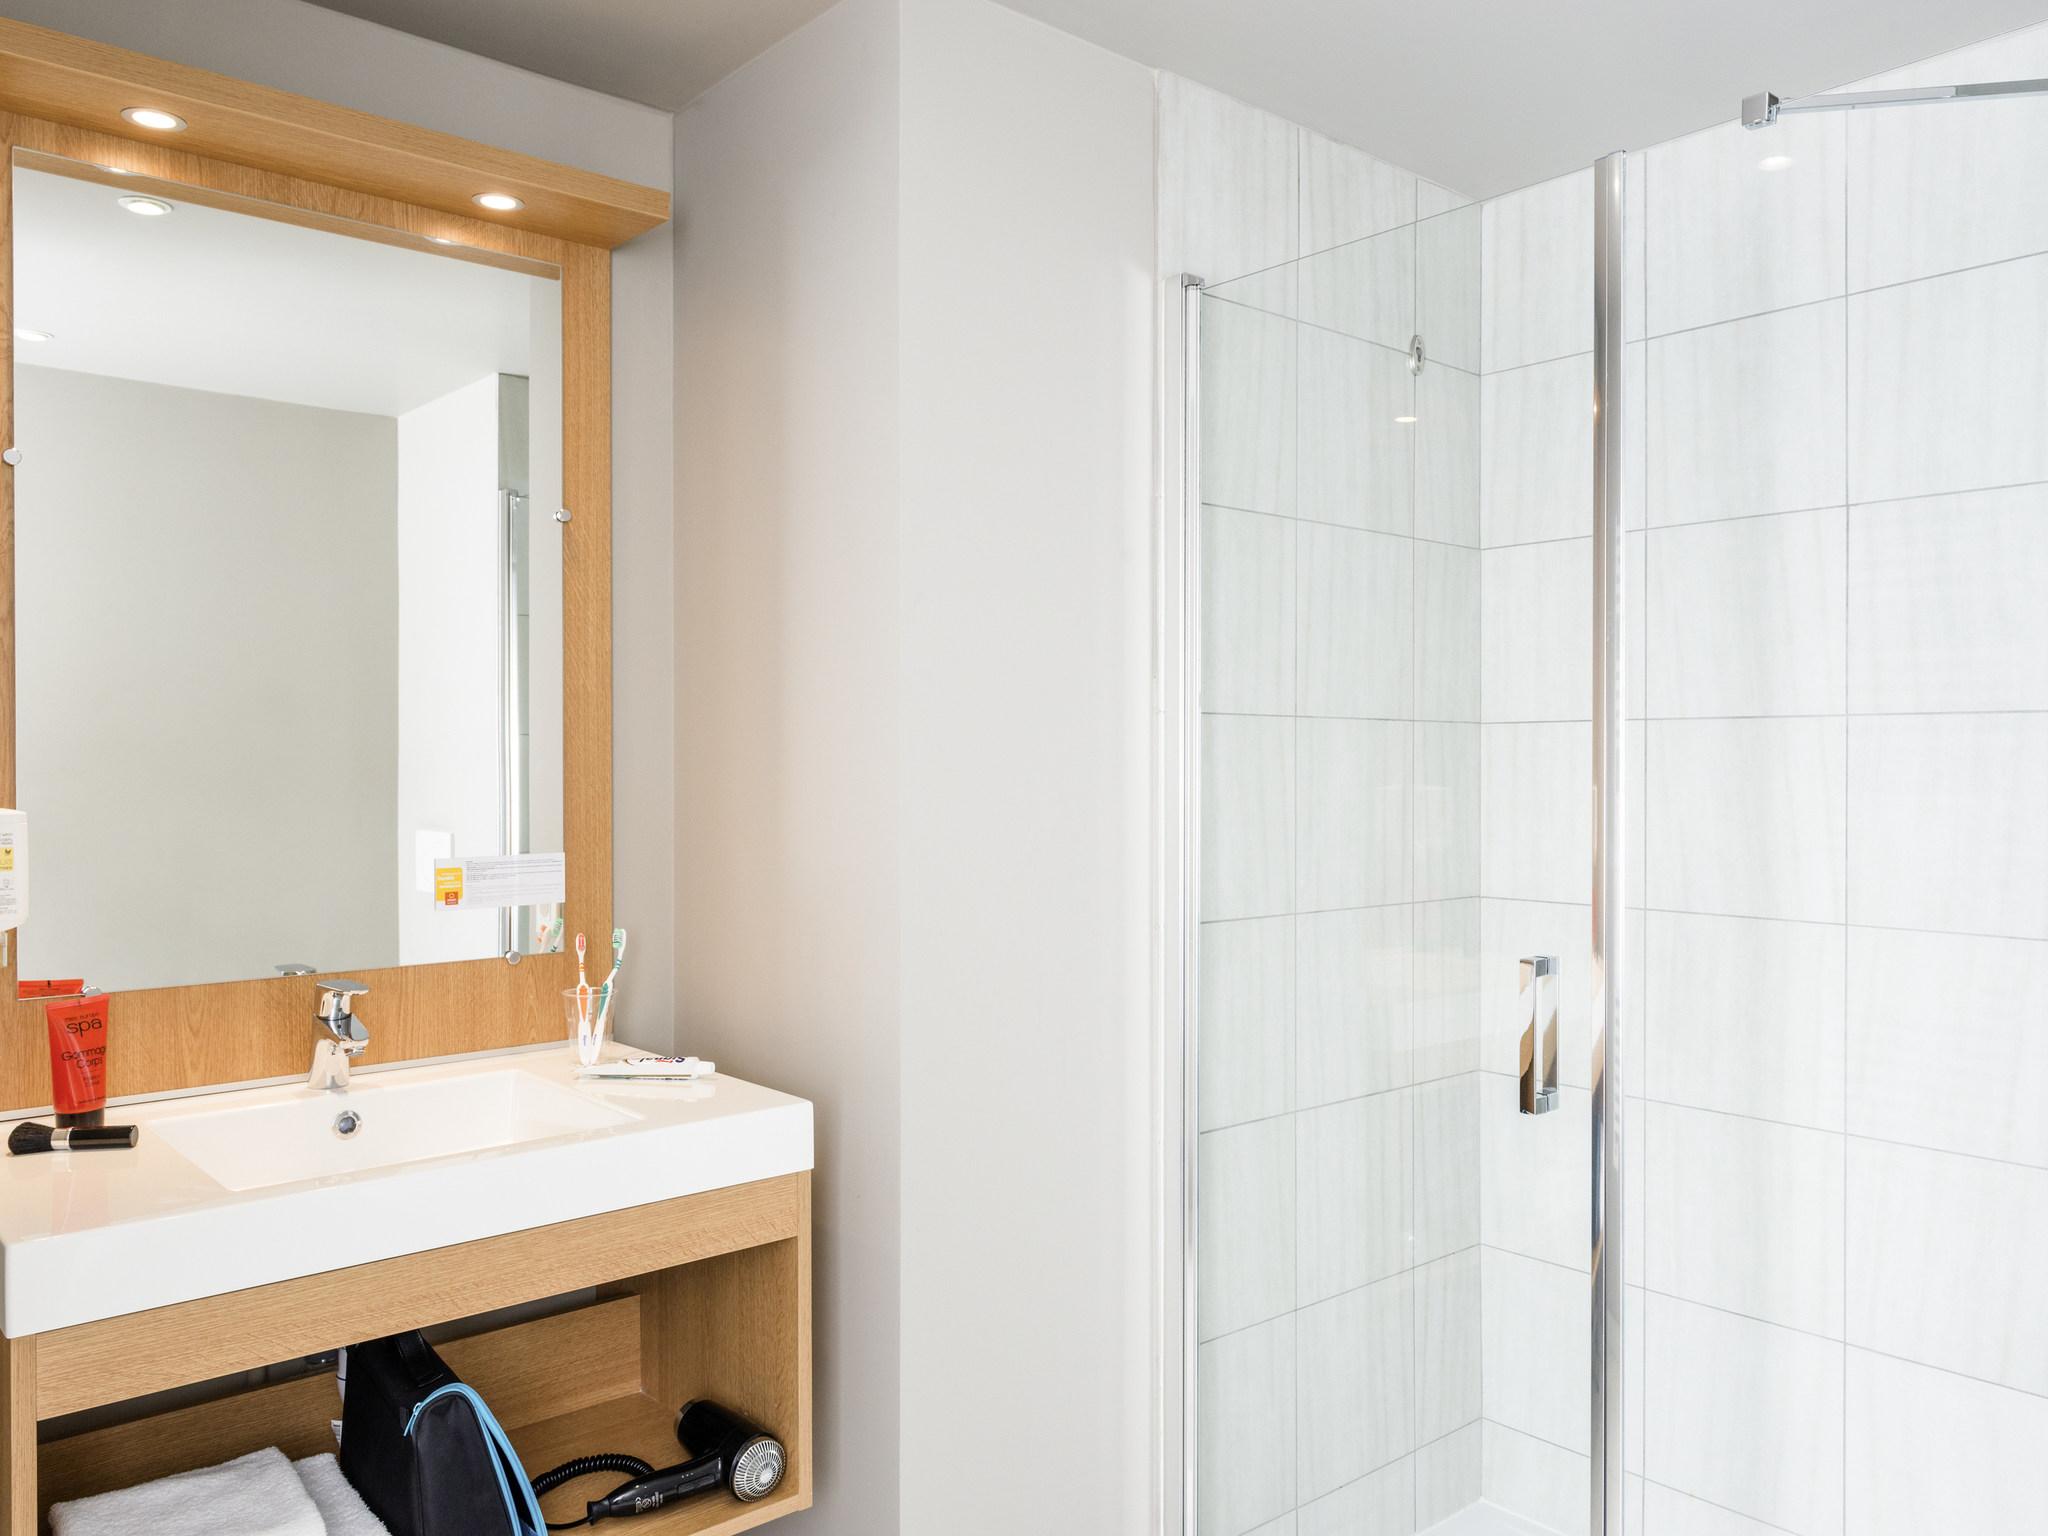 H´tel  MASSY Aparthotel Adagio access Paris Massy Gare TGV